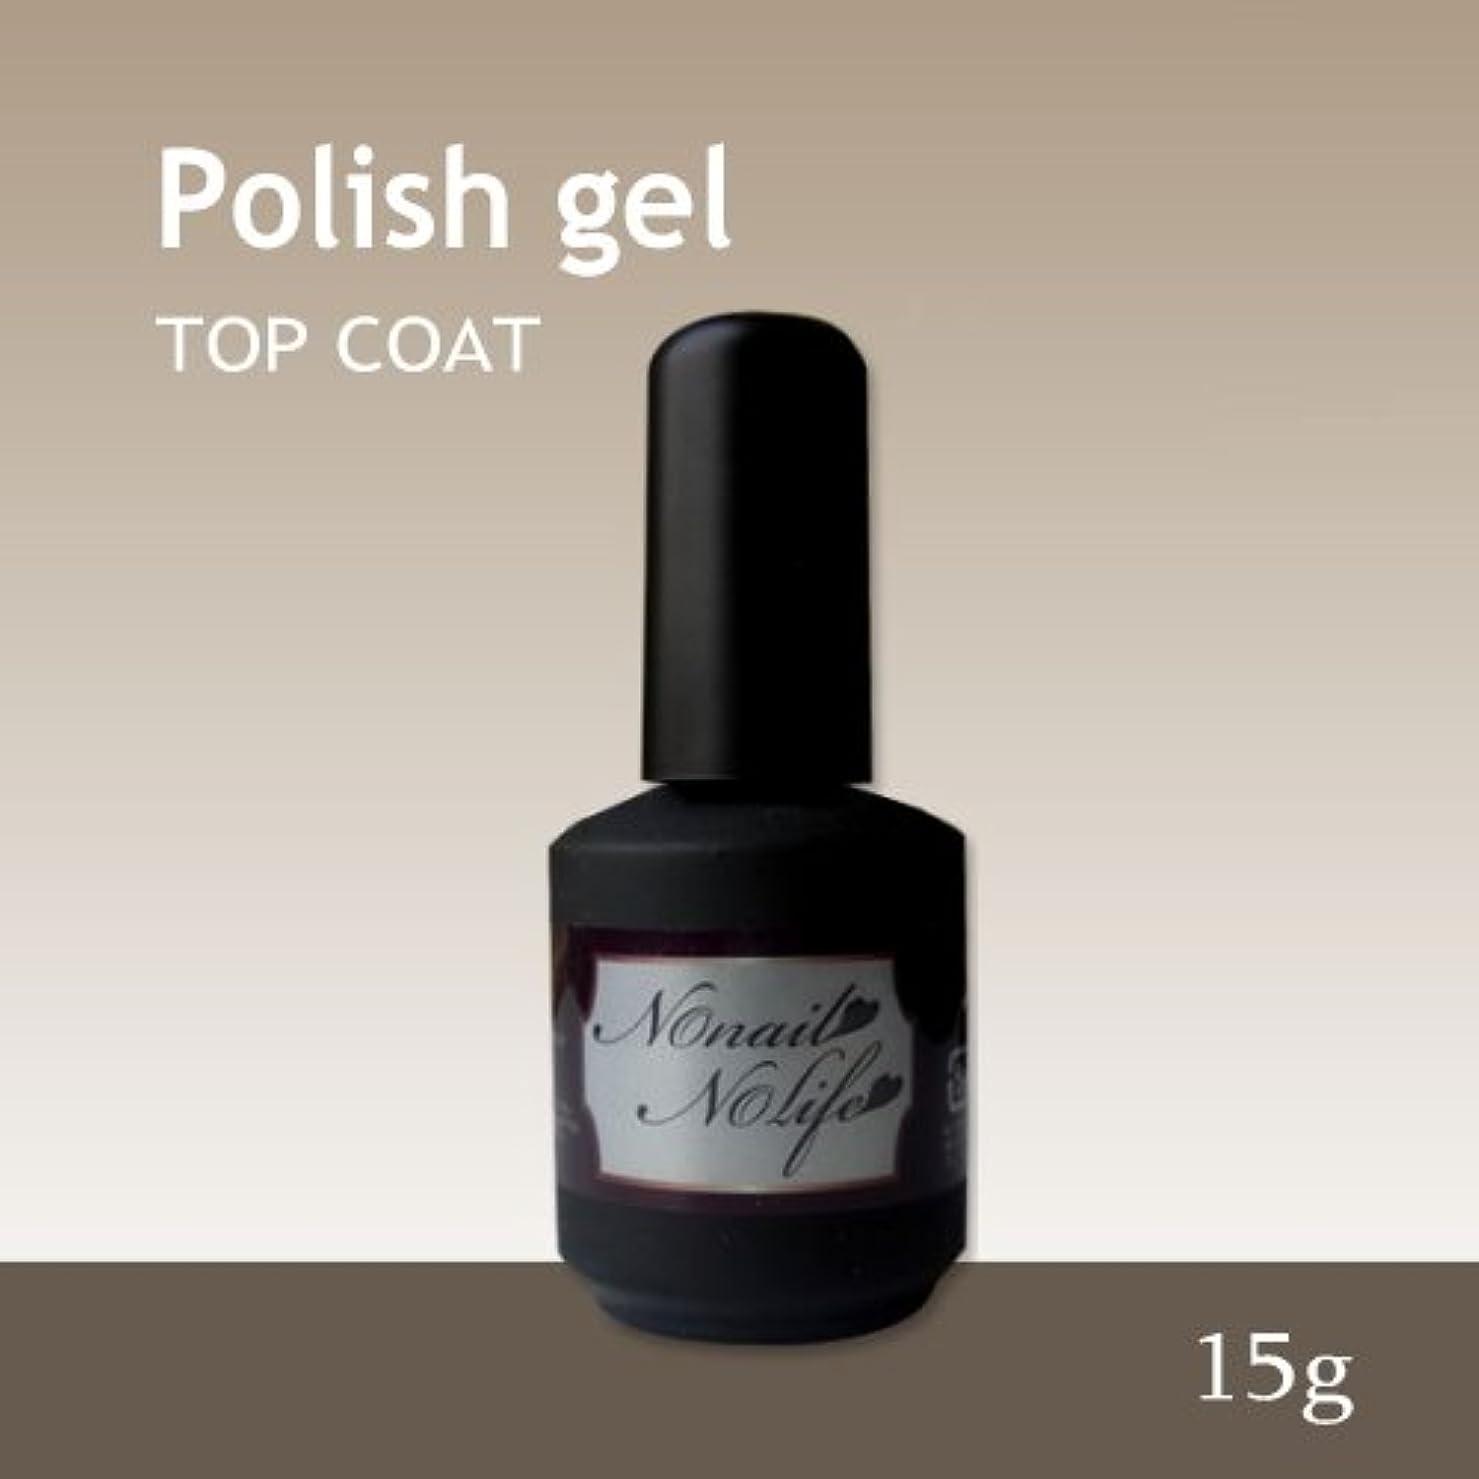 パーティー劇作家放射能ジェルネイル《爪に優しいトップコートジェル》Natural Polish ポリッシュトップジェル(15g)